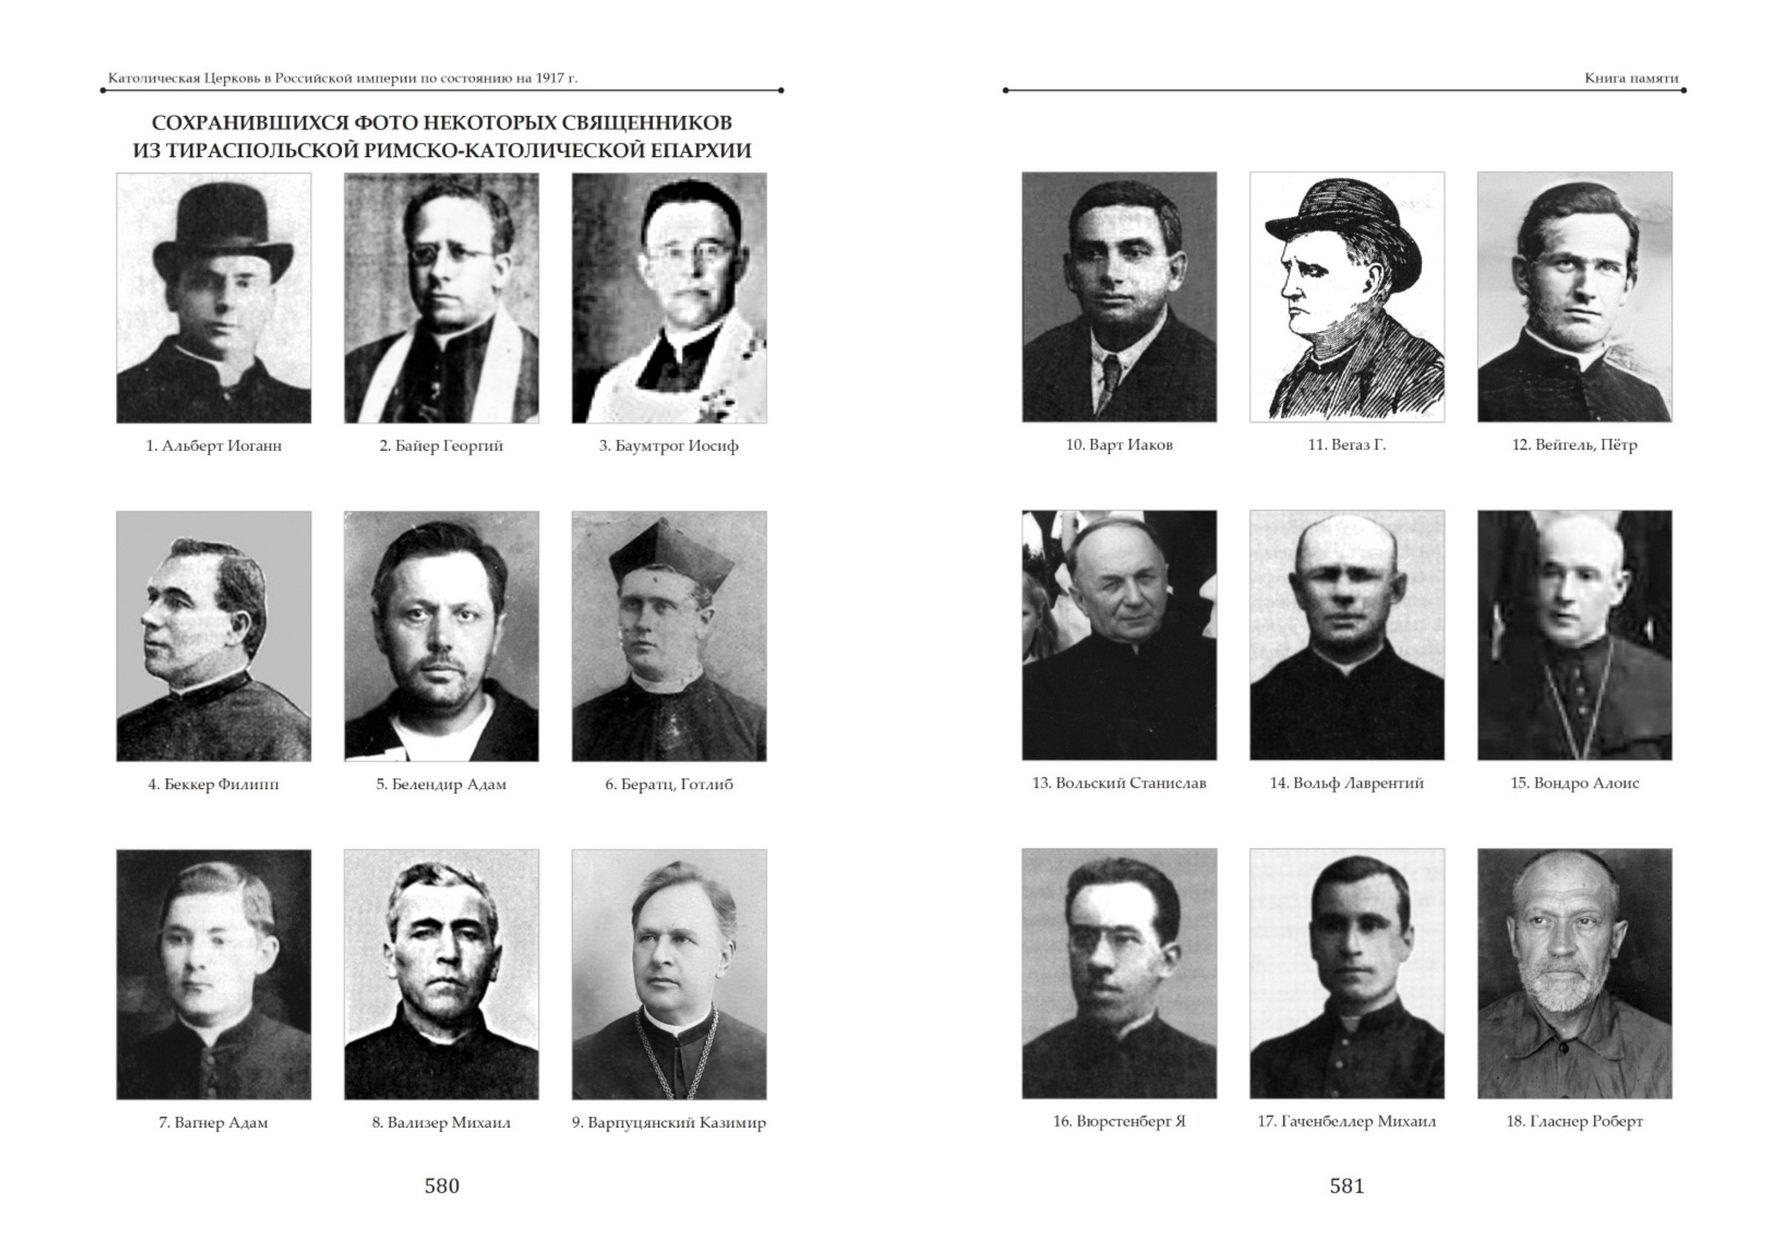 Издана книга, посвященная Католической Церкви в России накануне революции 1917 года и в Советский период 12